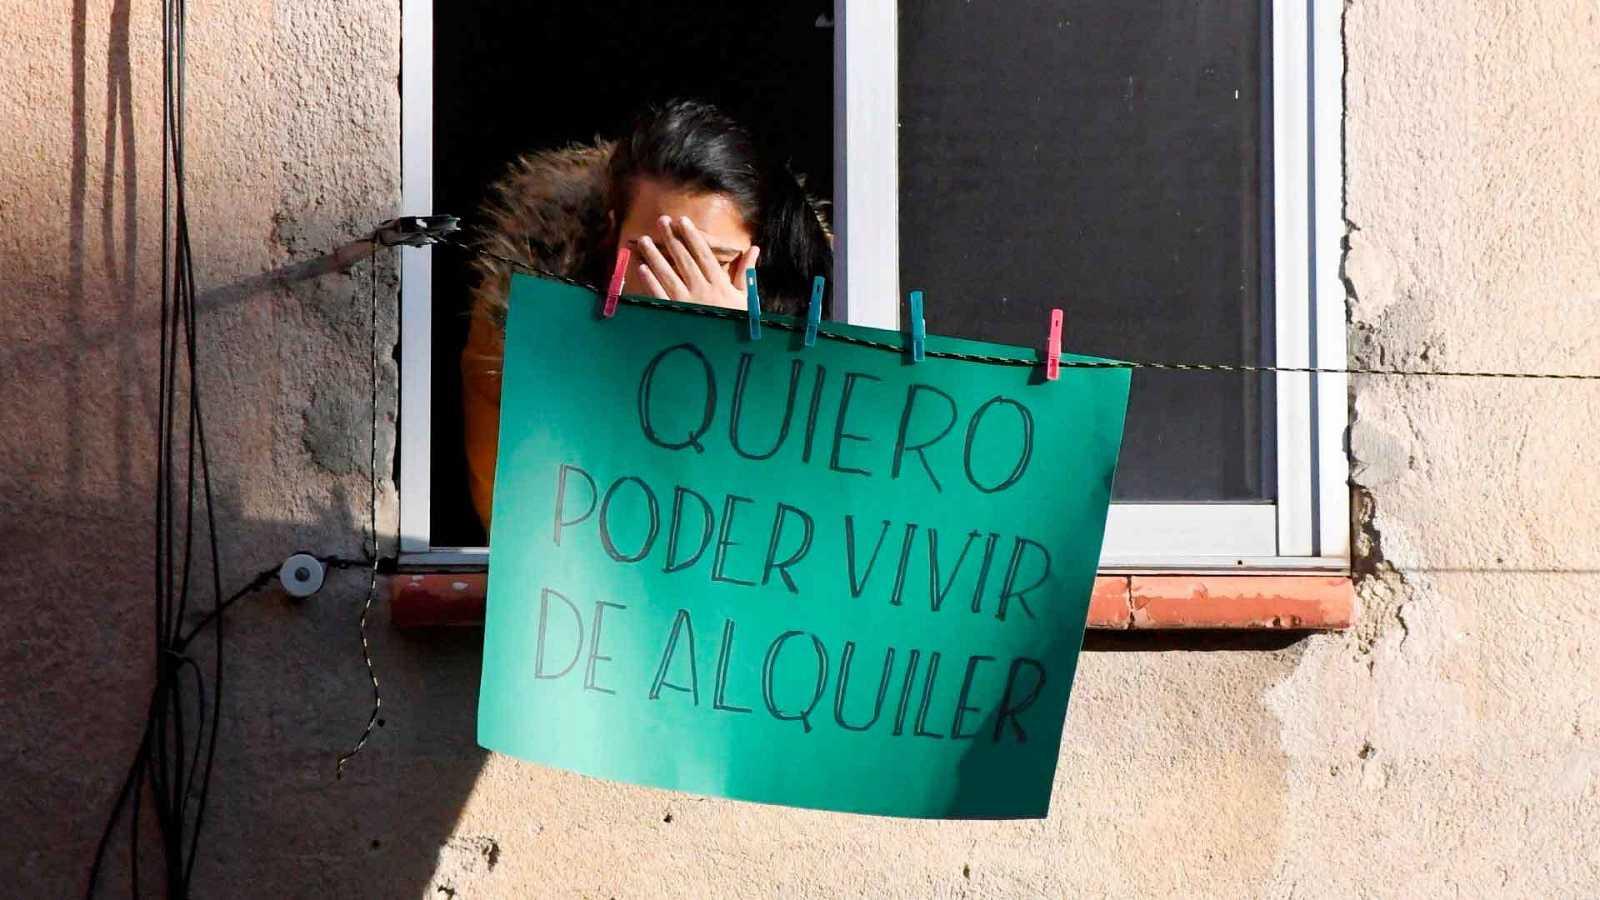 Vecinos de Barcelona exigen que se paralicen todos los desahucios